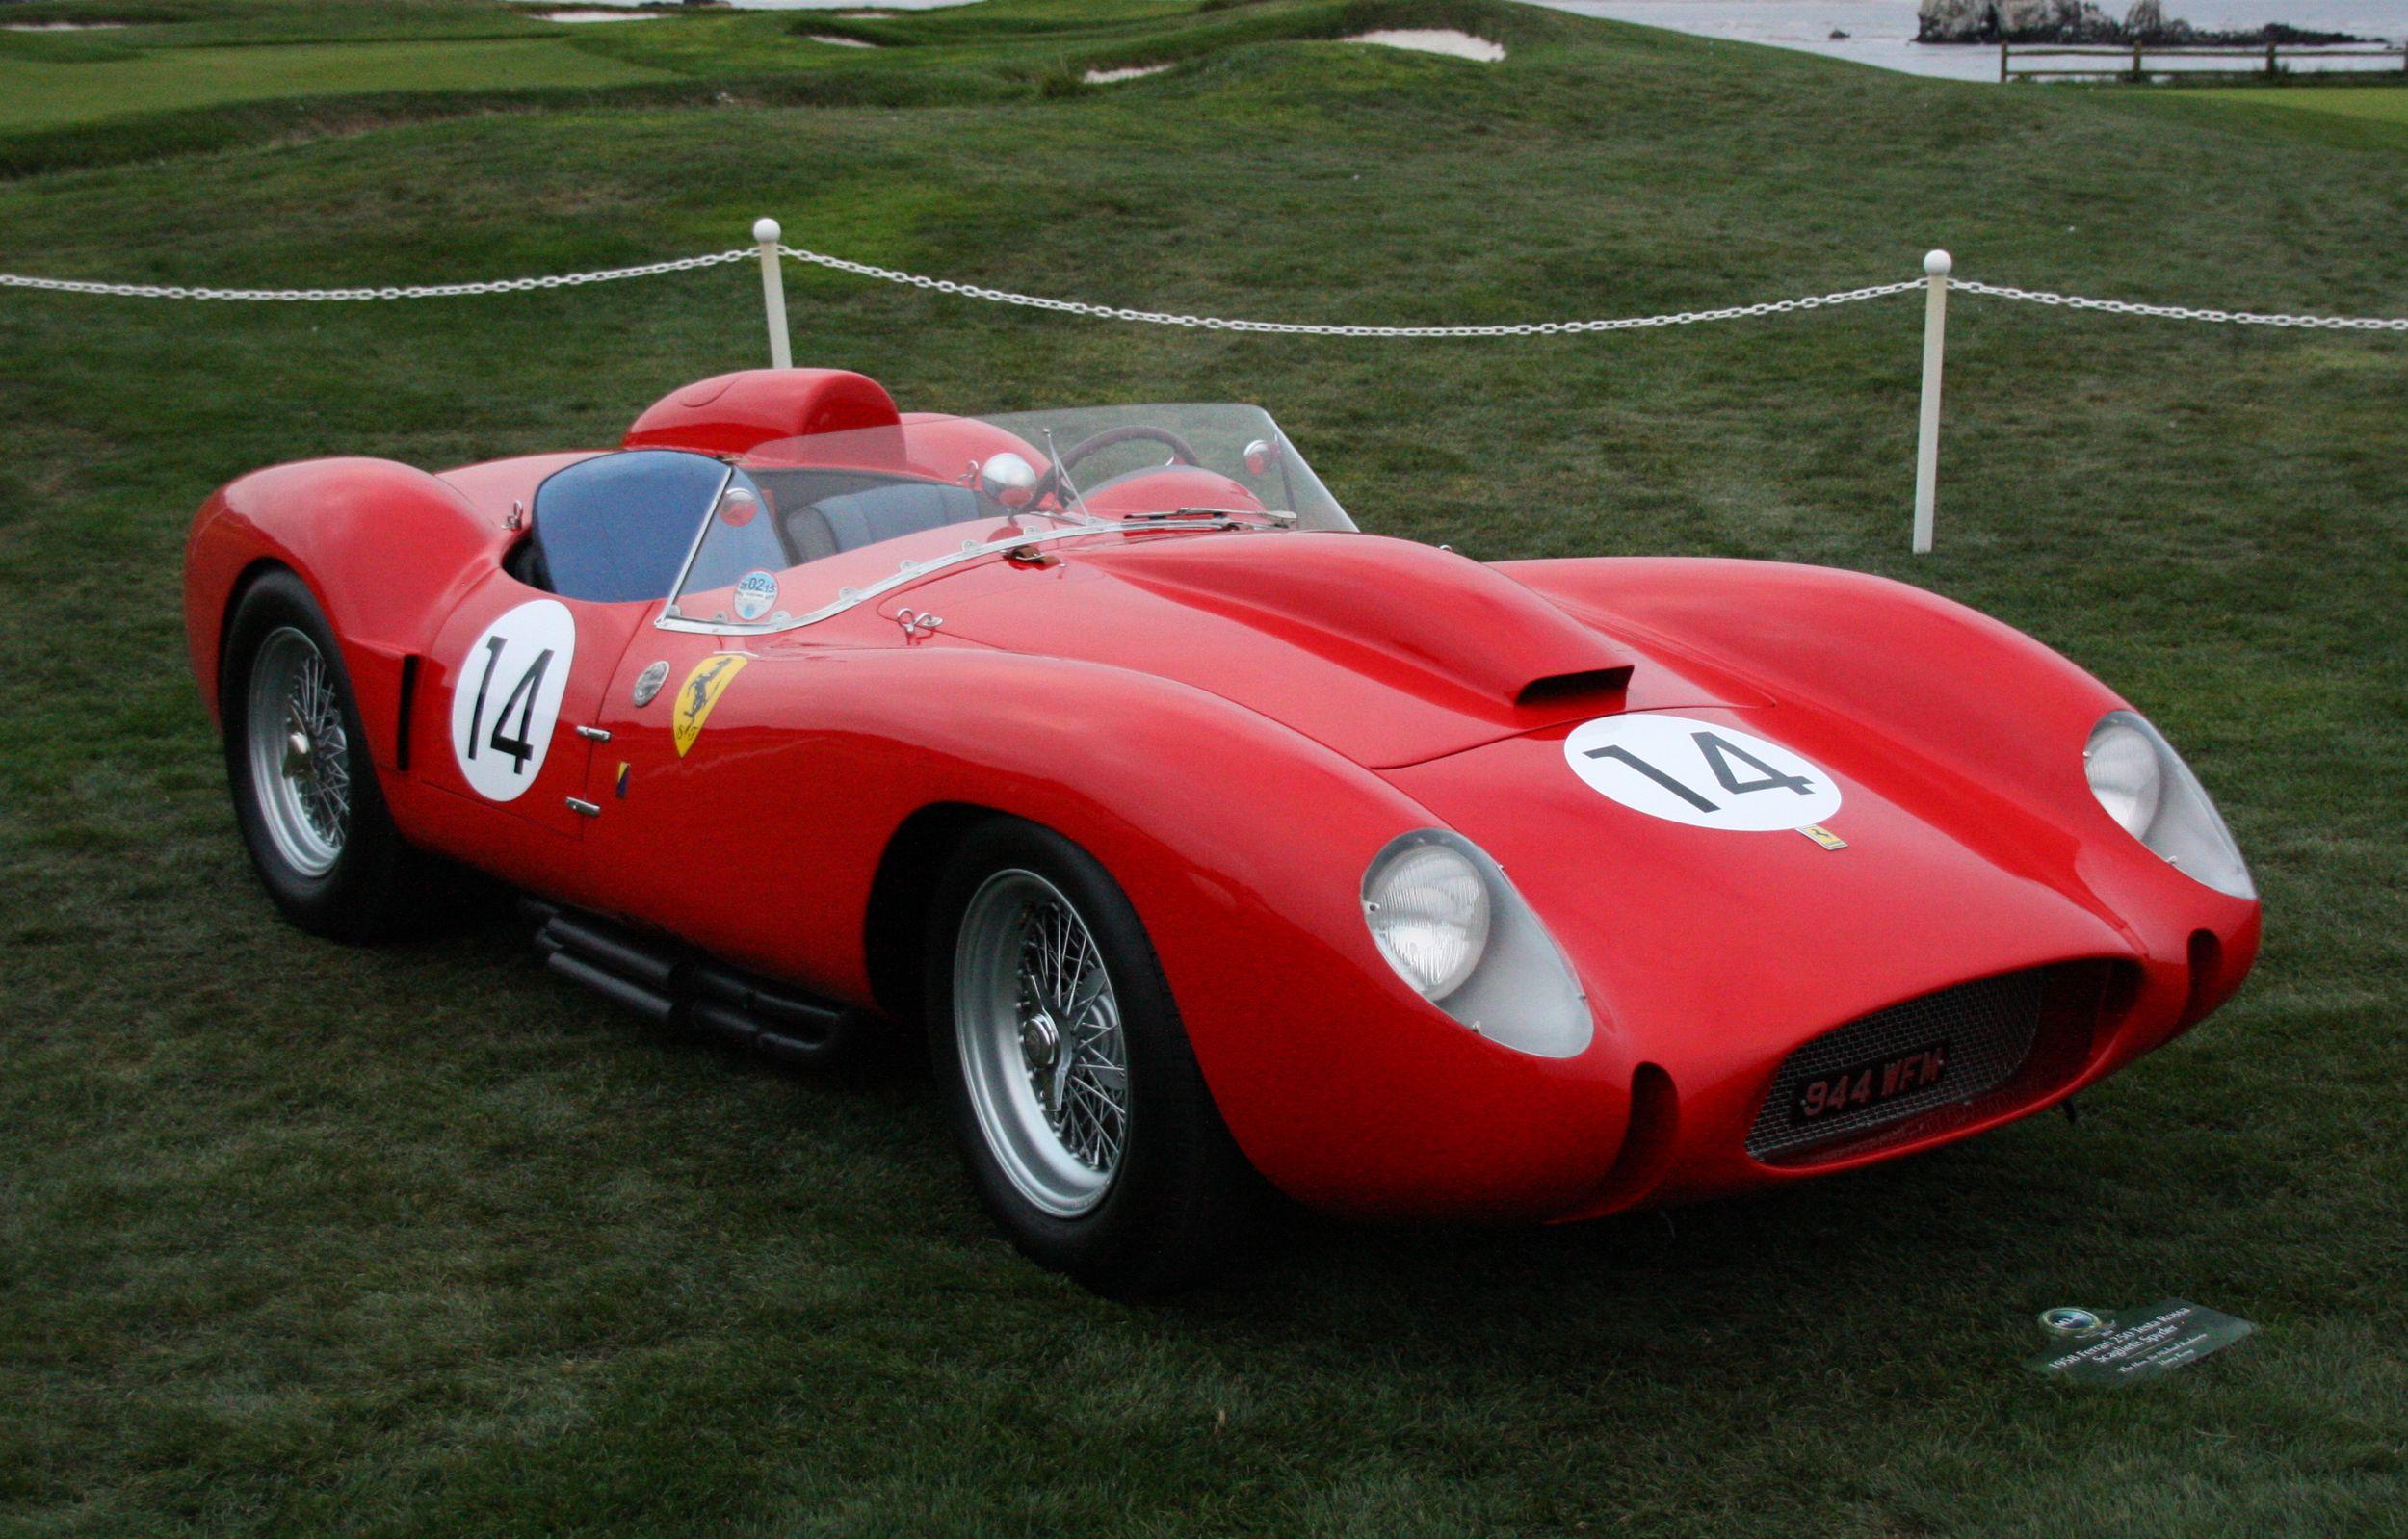 El Ferrari 250 Testa Rossa fue un deportivo referente en la competición y el coche de carreras con el que la marca participaba de forma oficial y suministraba a los equipos privados.